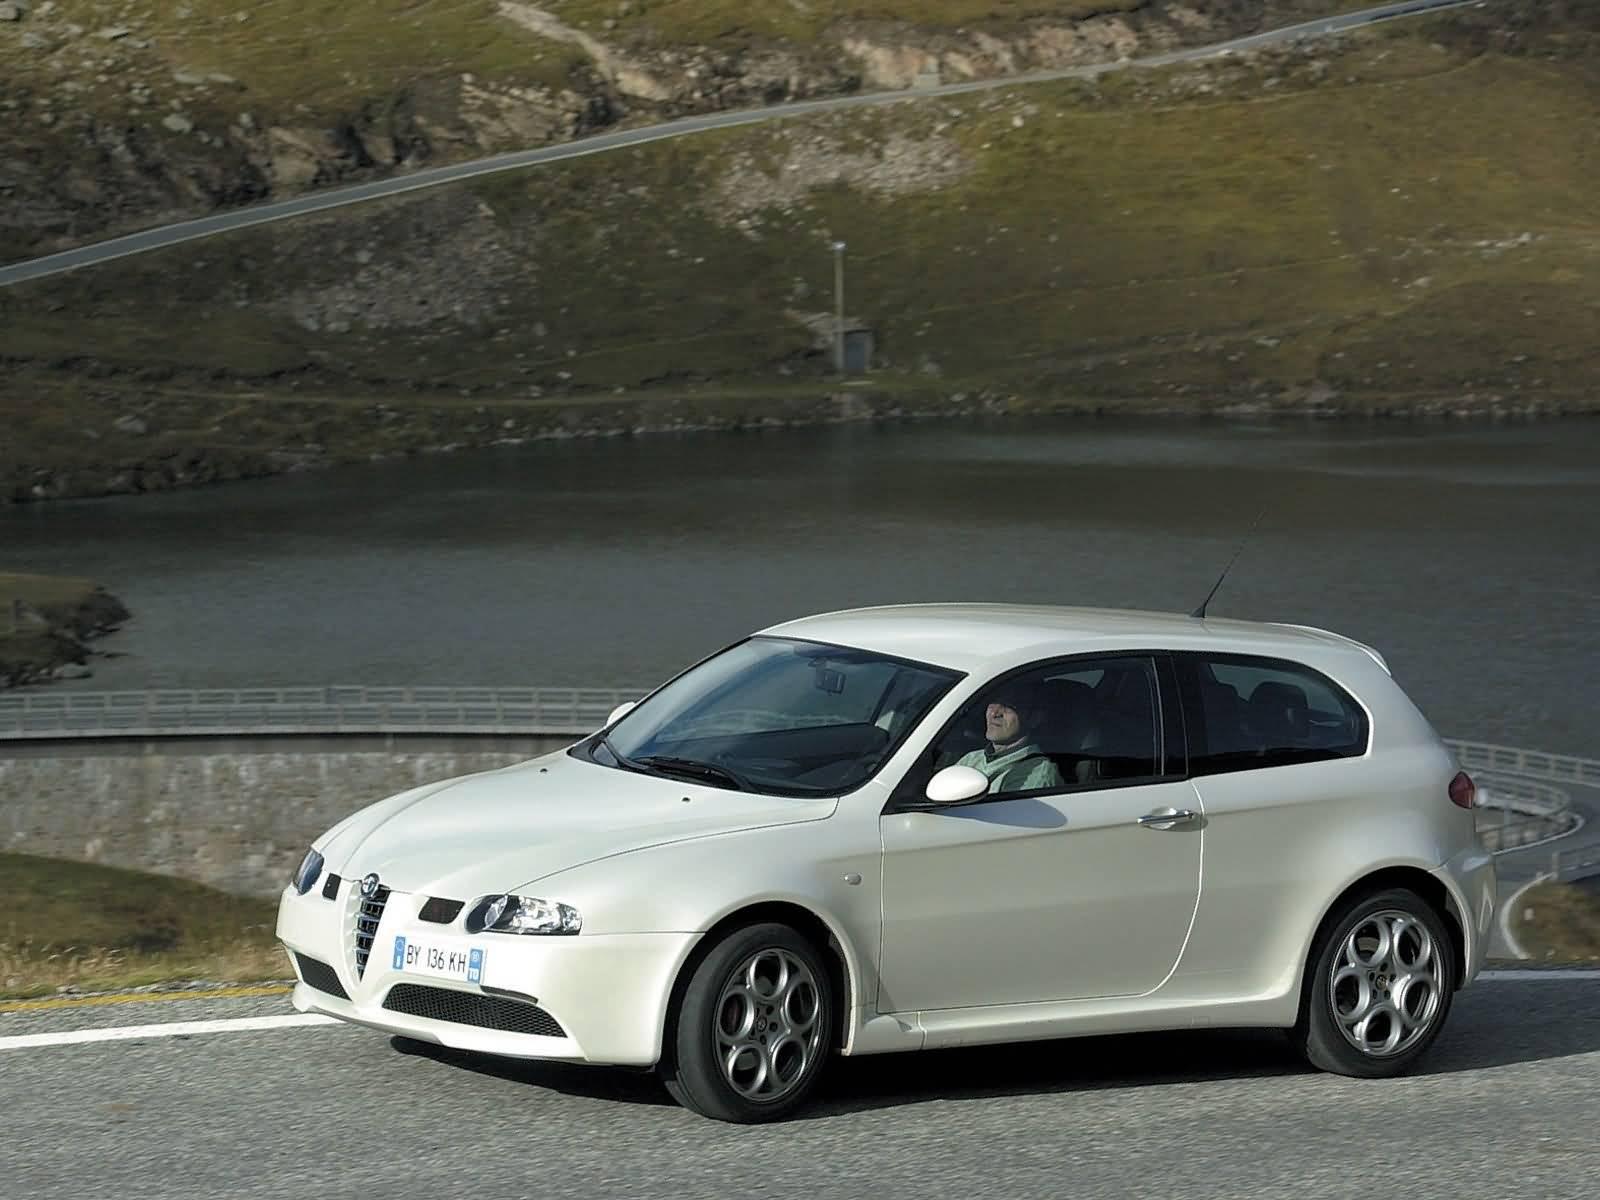 On the road of wonderful White colour Alfa Romeo 147 GTA Car